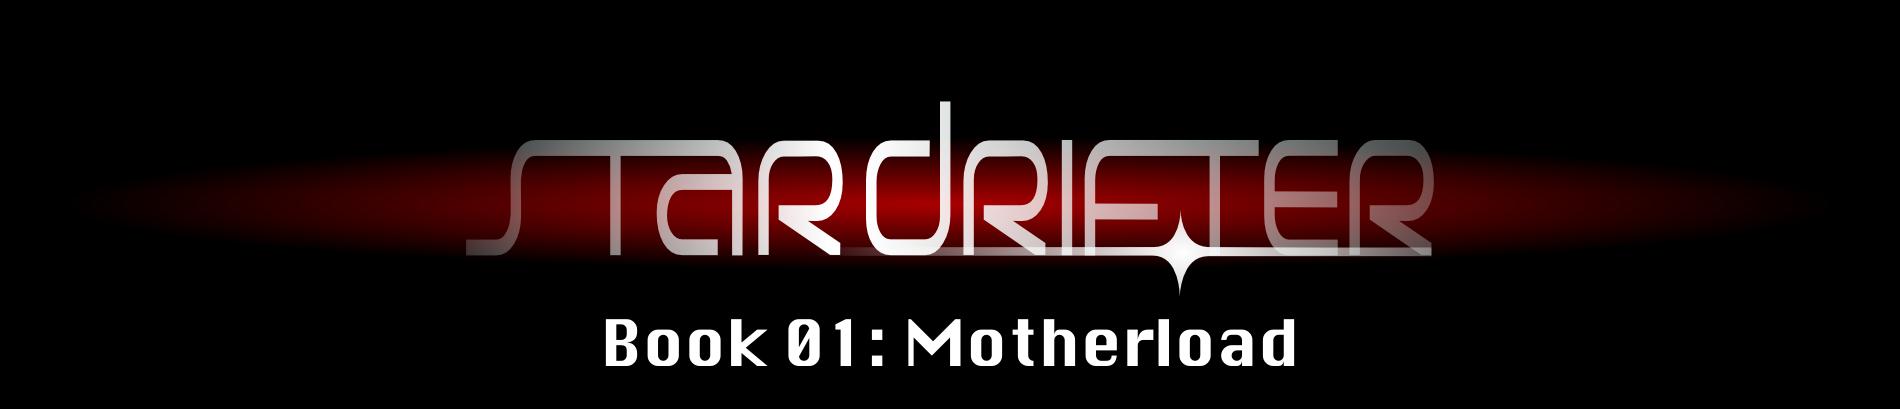 Stardrifter Book 01: Motherload